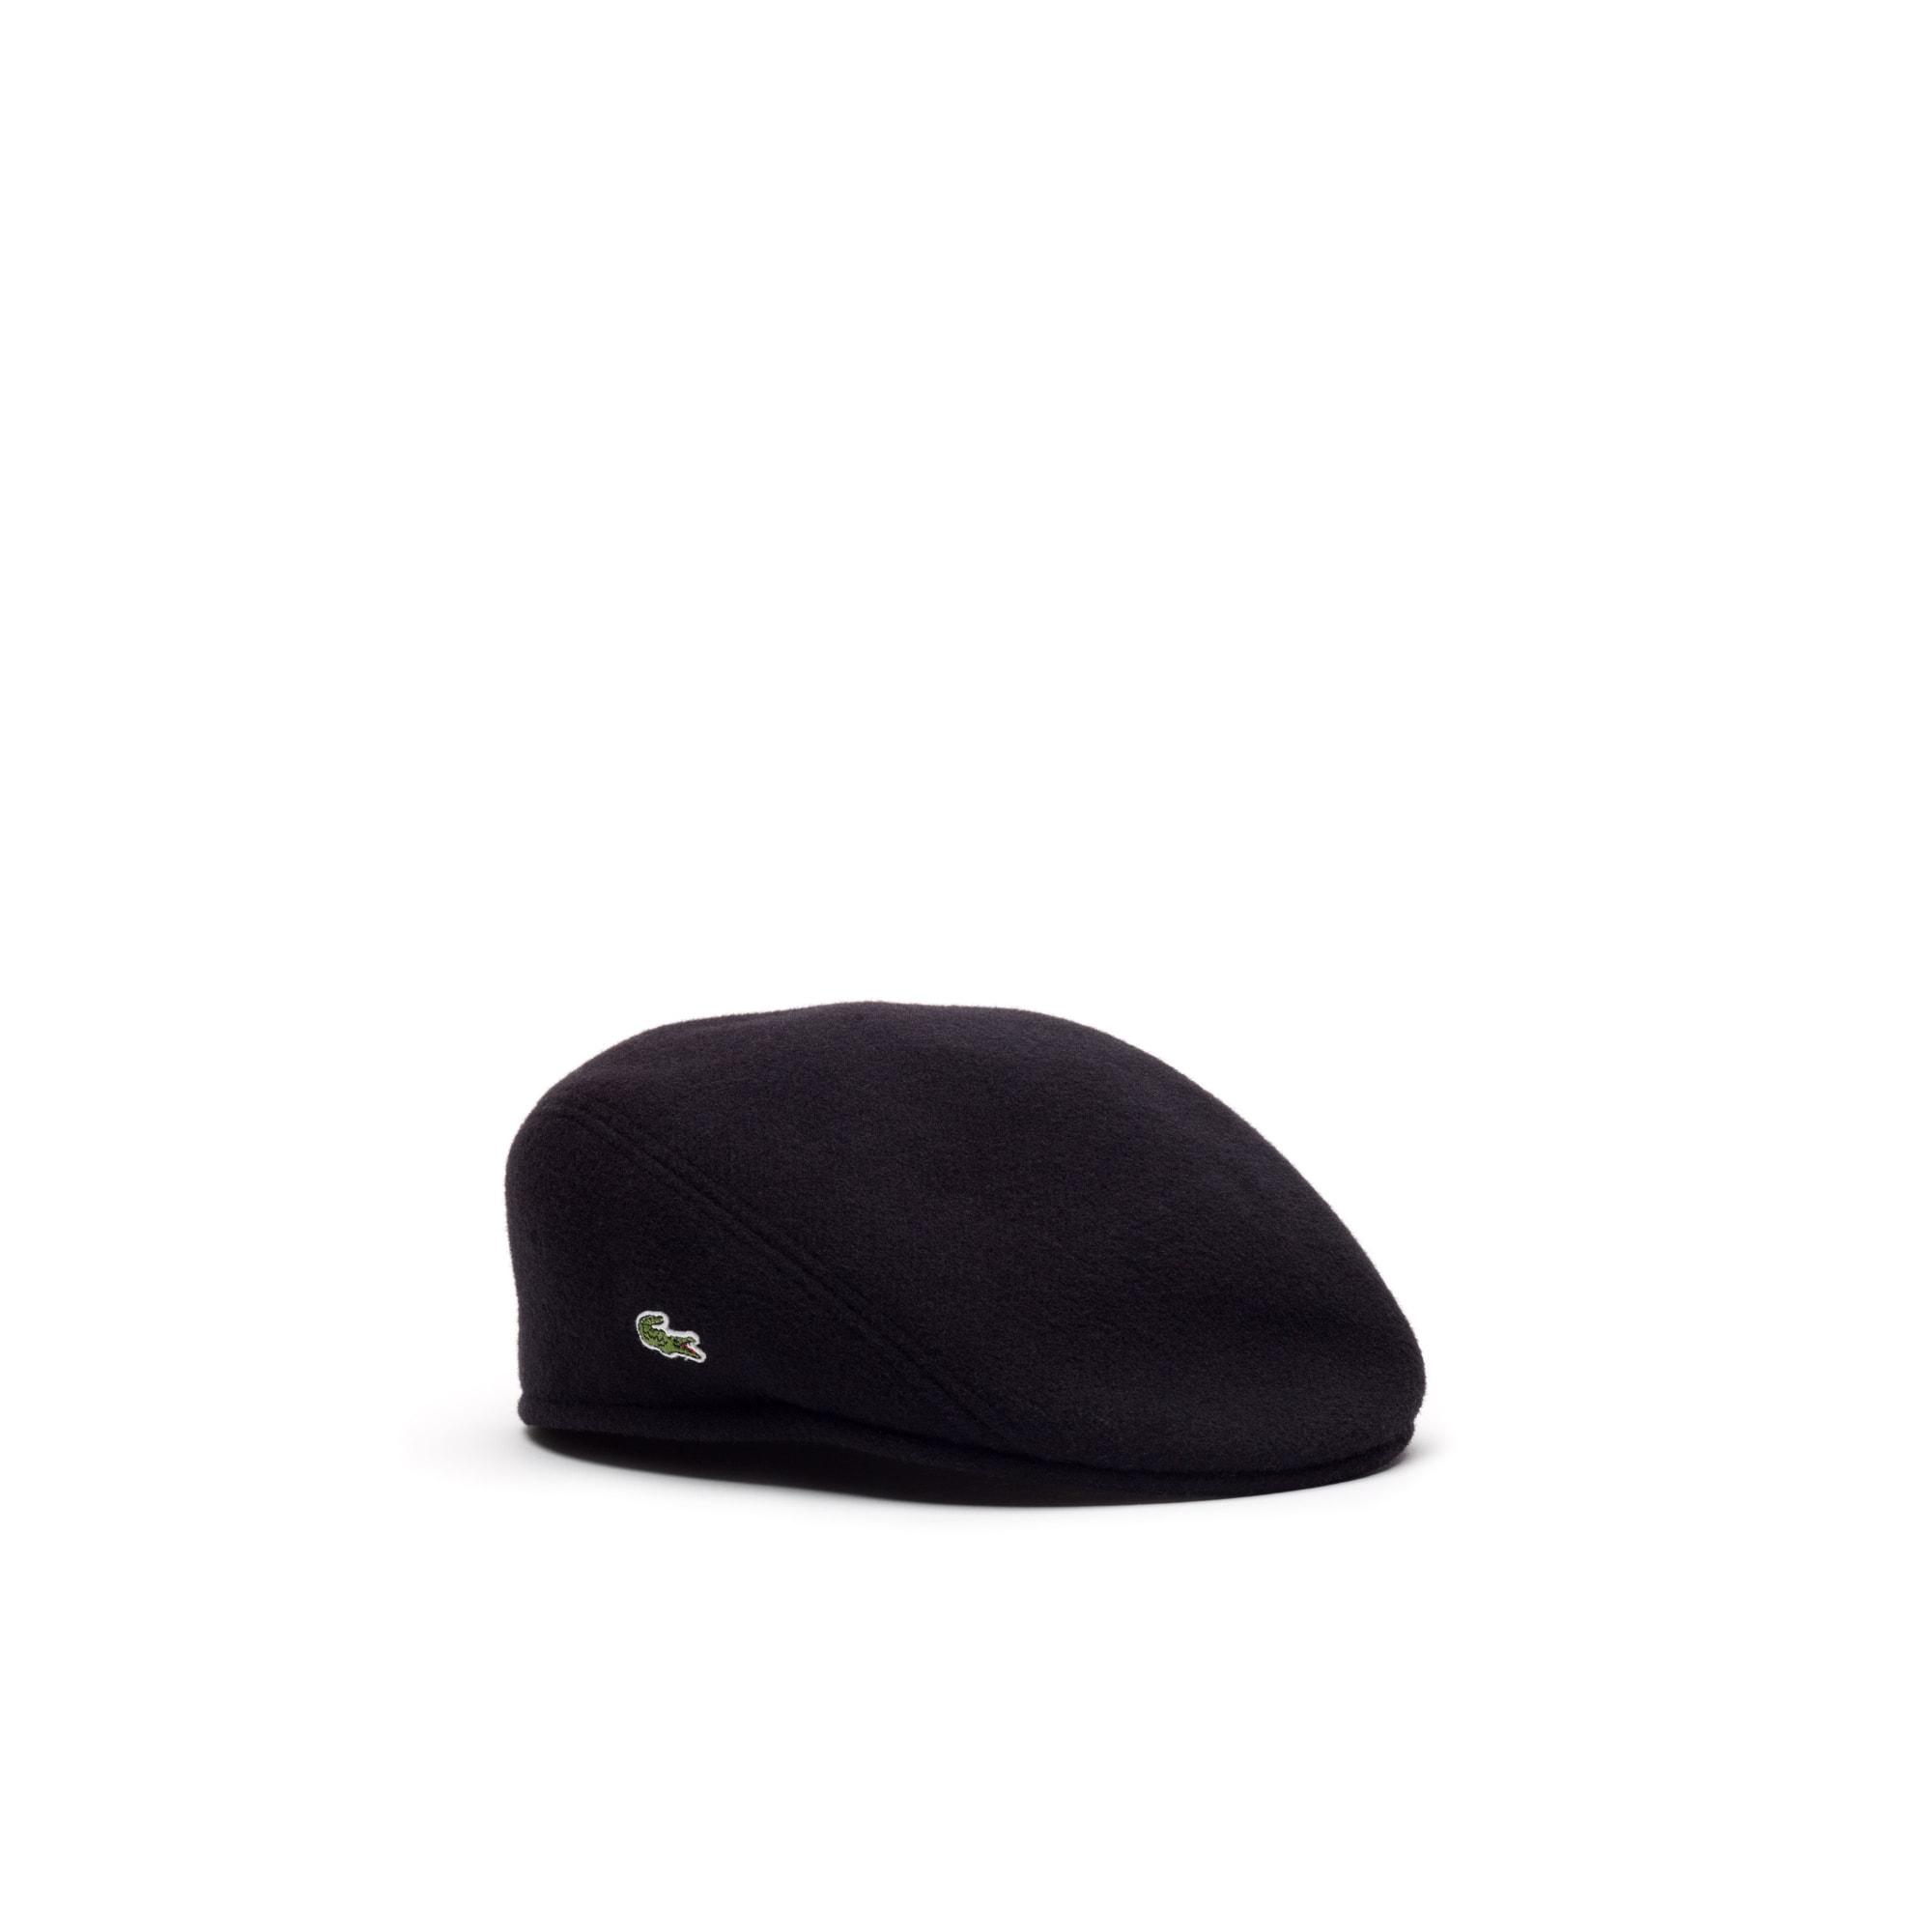 meilleure collection pourtant pas vulgaire meilleures baskets Caps & Hats | Men's Accessories | LACOSTE